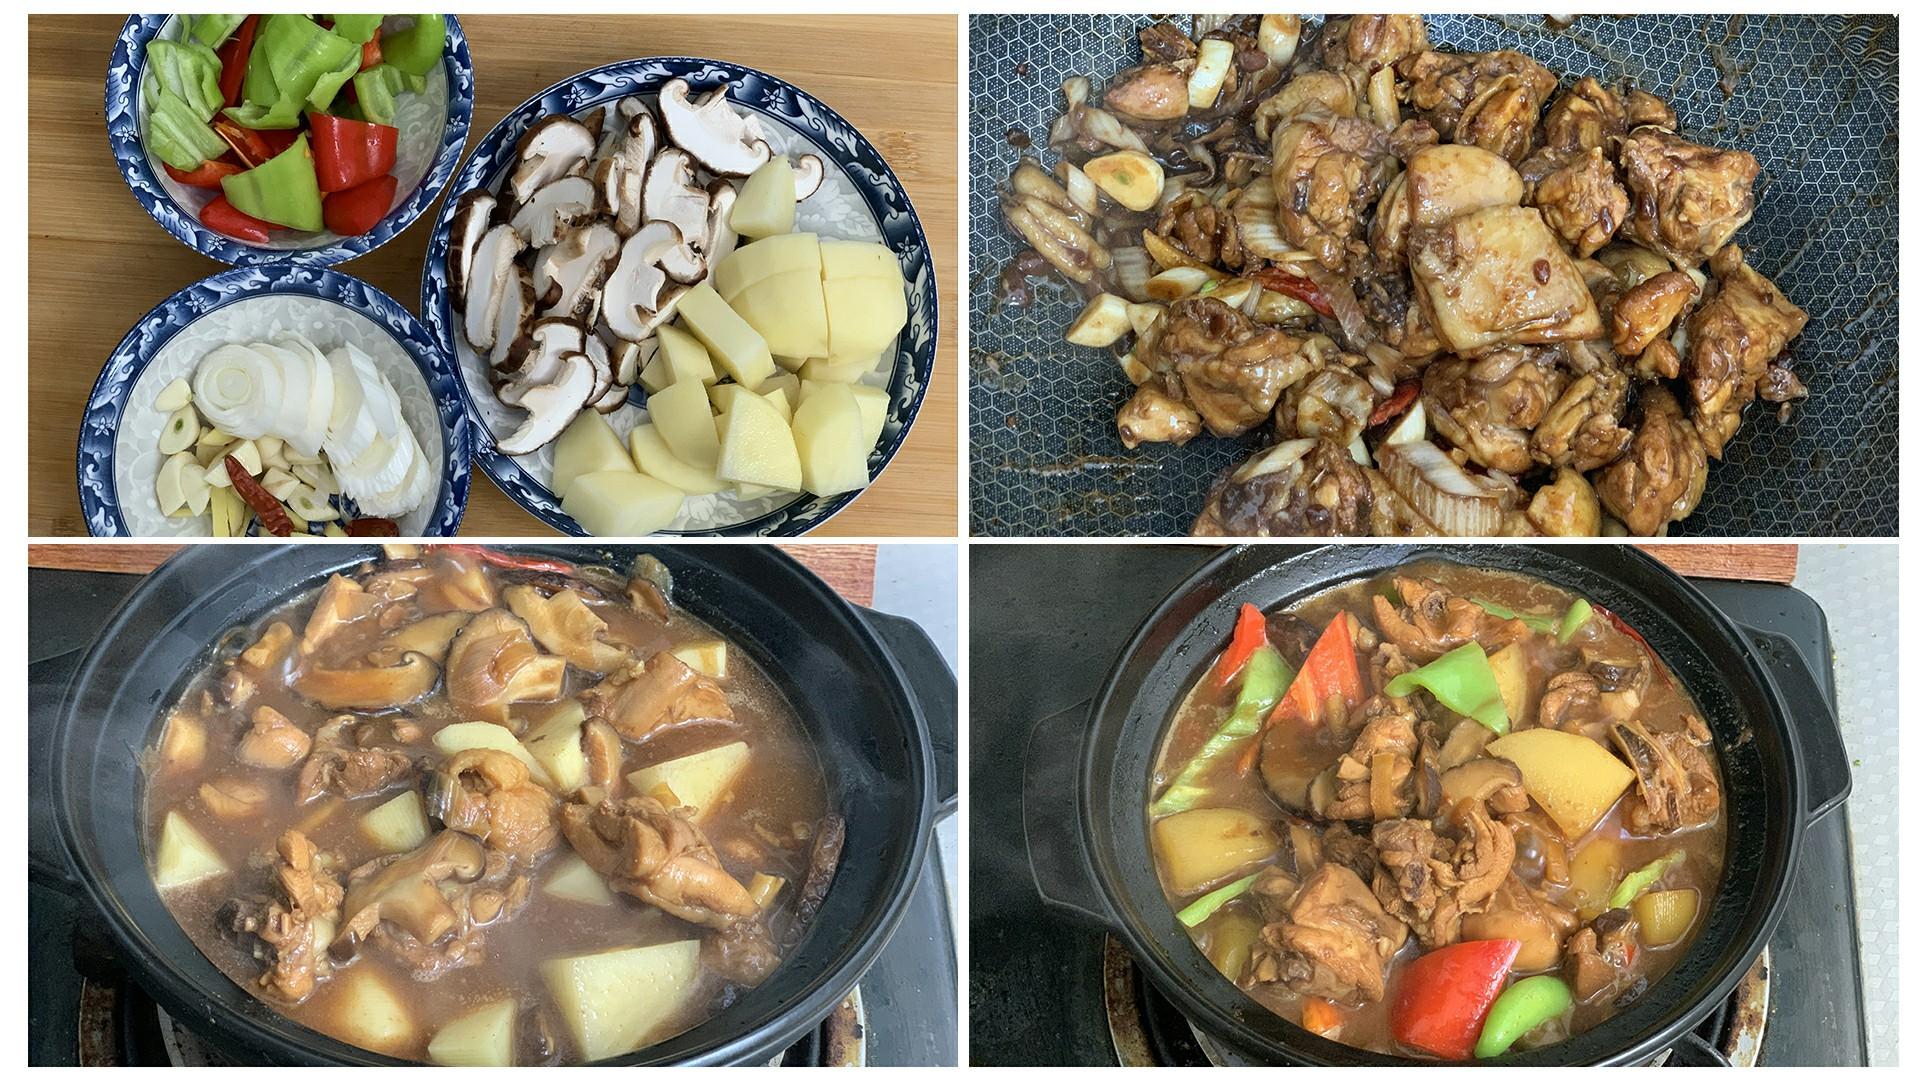 冬至过后,6道美食不要错过,家人常吃驱寒保暖,营养又解馋  美食做法 第2张